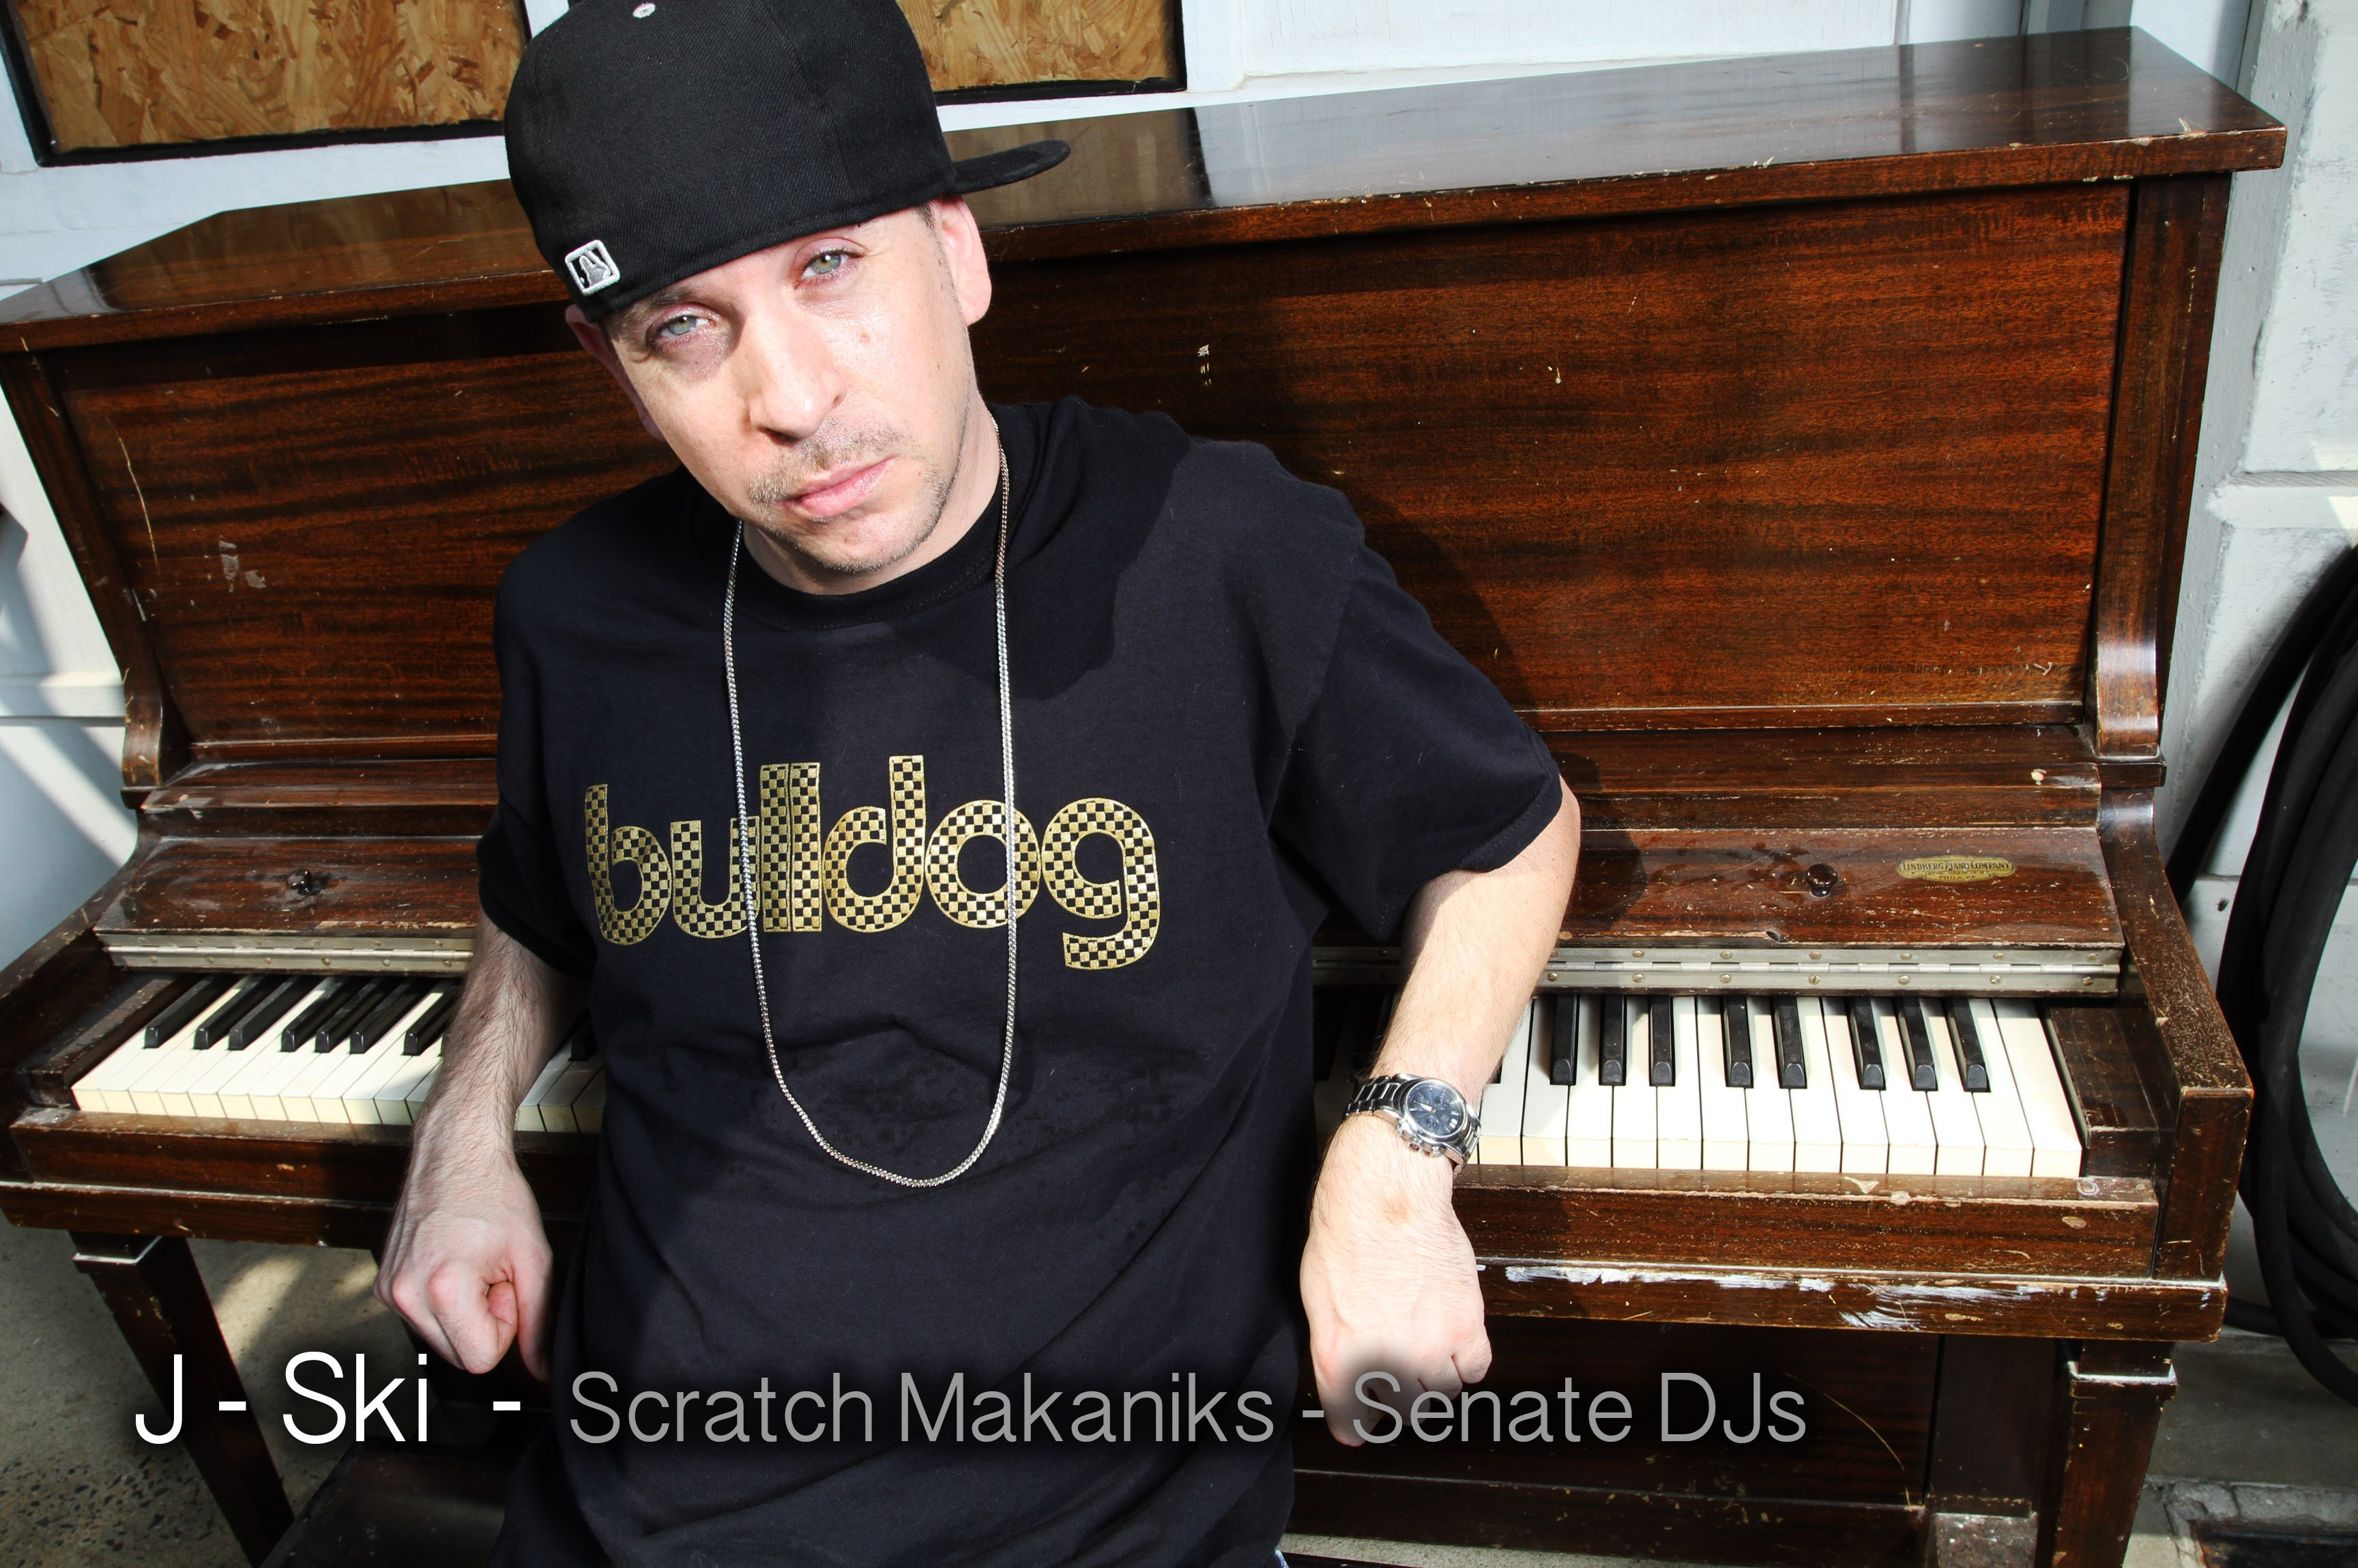 J Ski_piano_buldog_shirt_black_hat